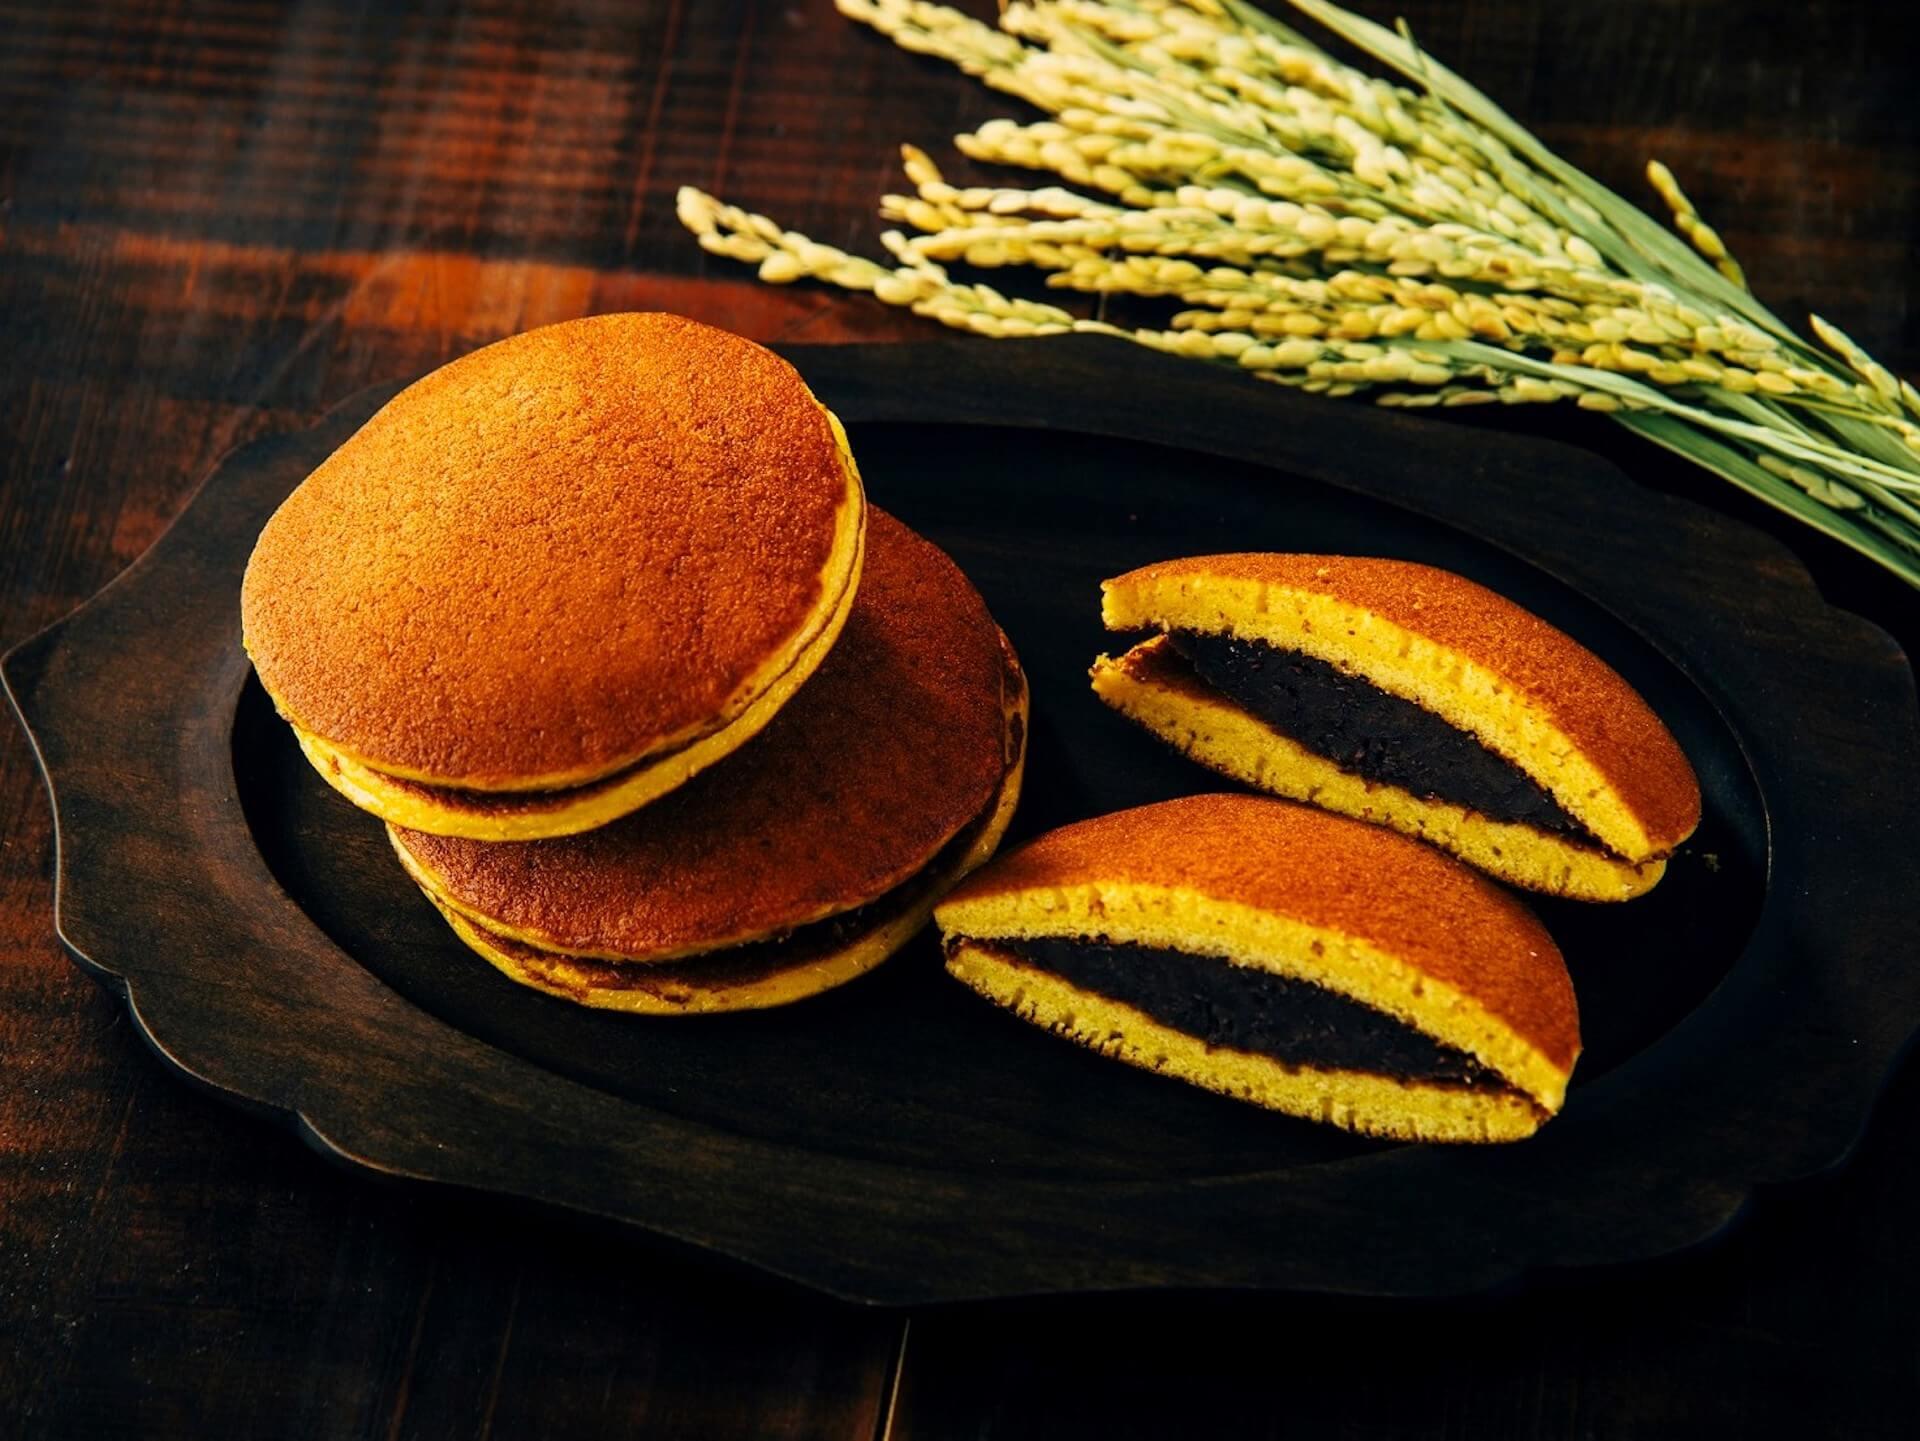 『AKOMEYA食堂』から和の食材を楽しめるシフォンケーキやどら焼きなど秋の新作スイーツ5種類が登場! food202087-akomeya6